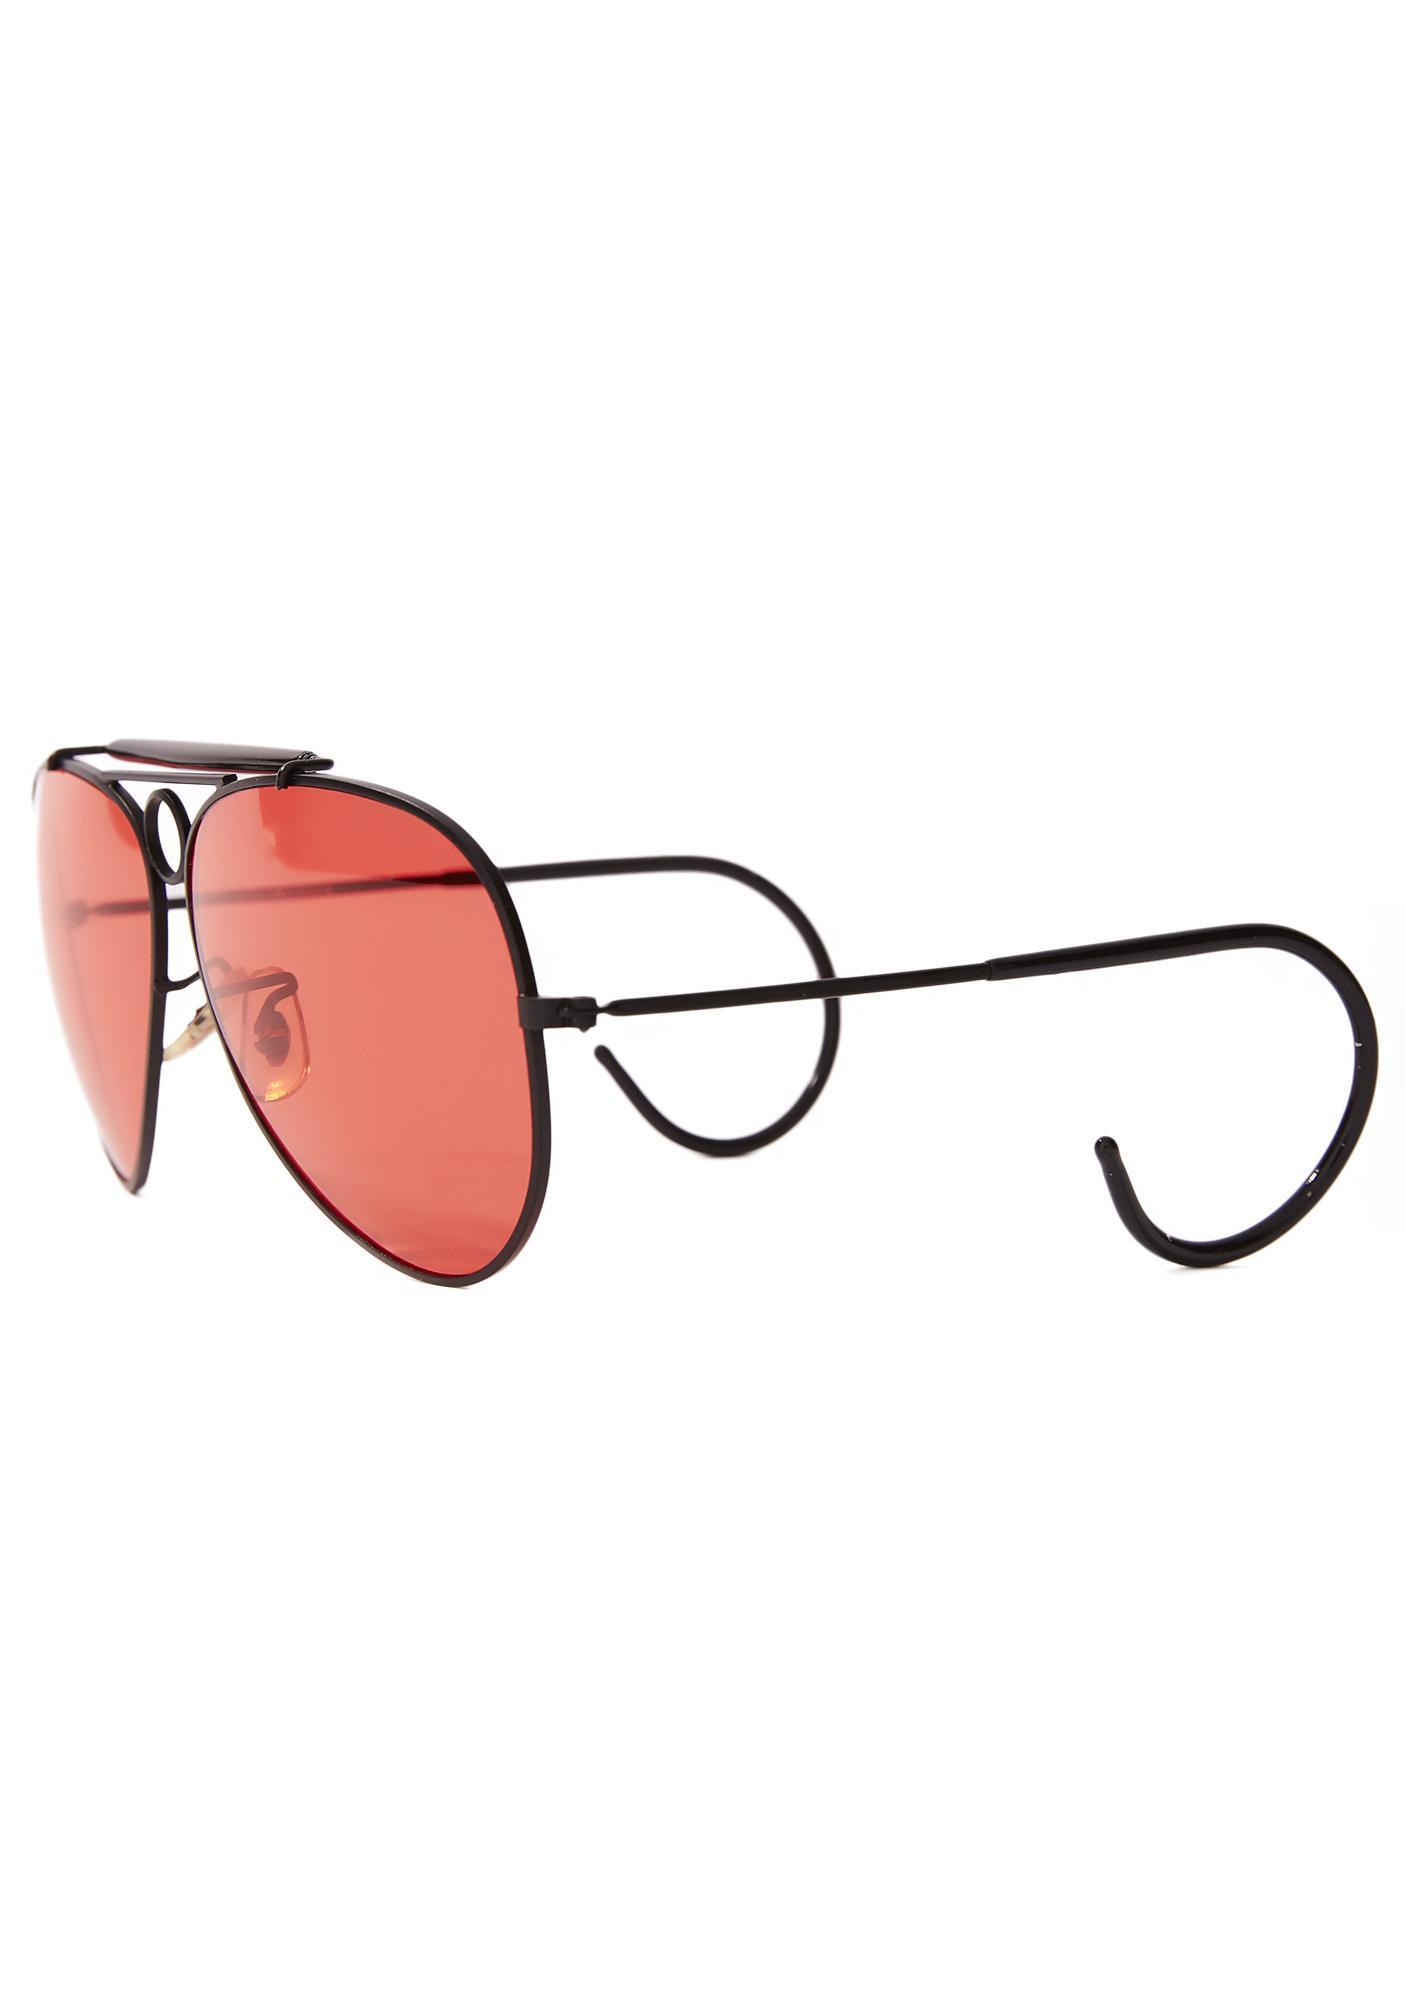 Take A Ride Sunglasses